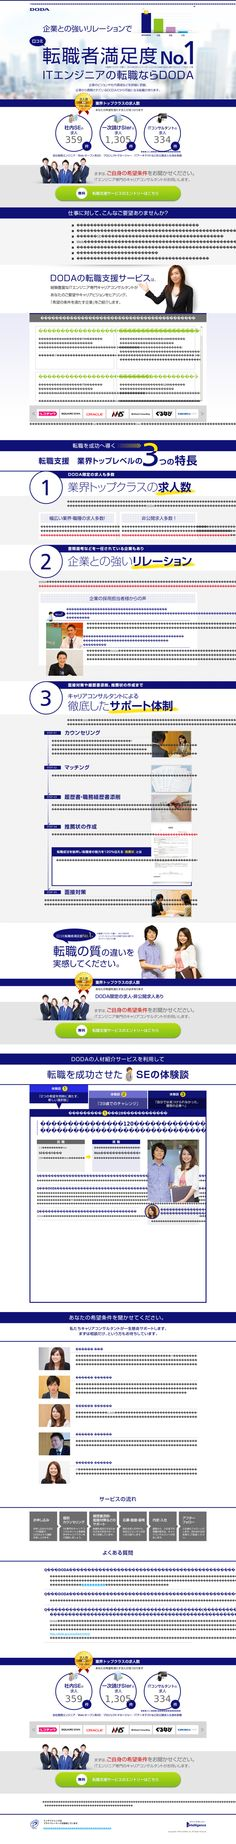 Website'http%3A%2F%2Fdoda.jp%2Fpromo%2Fshokushu%2Fse014.html%3Fcid%3Dlist202' snapped on Page2images!